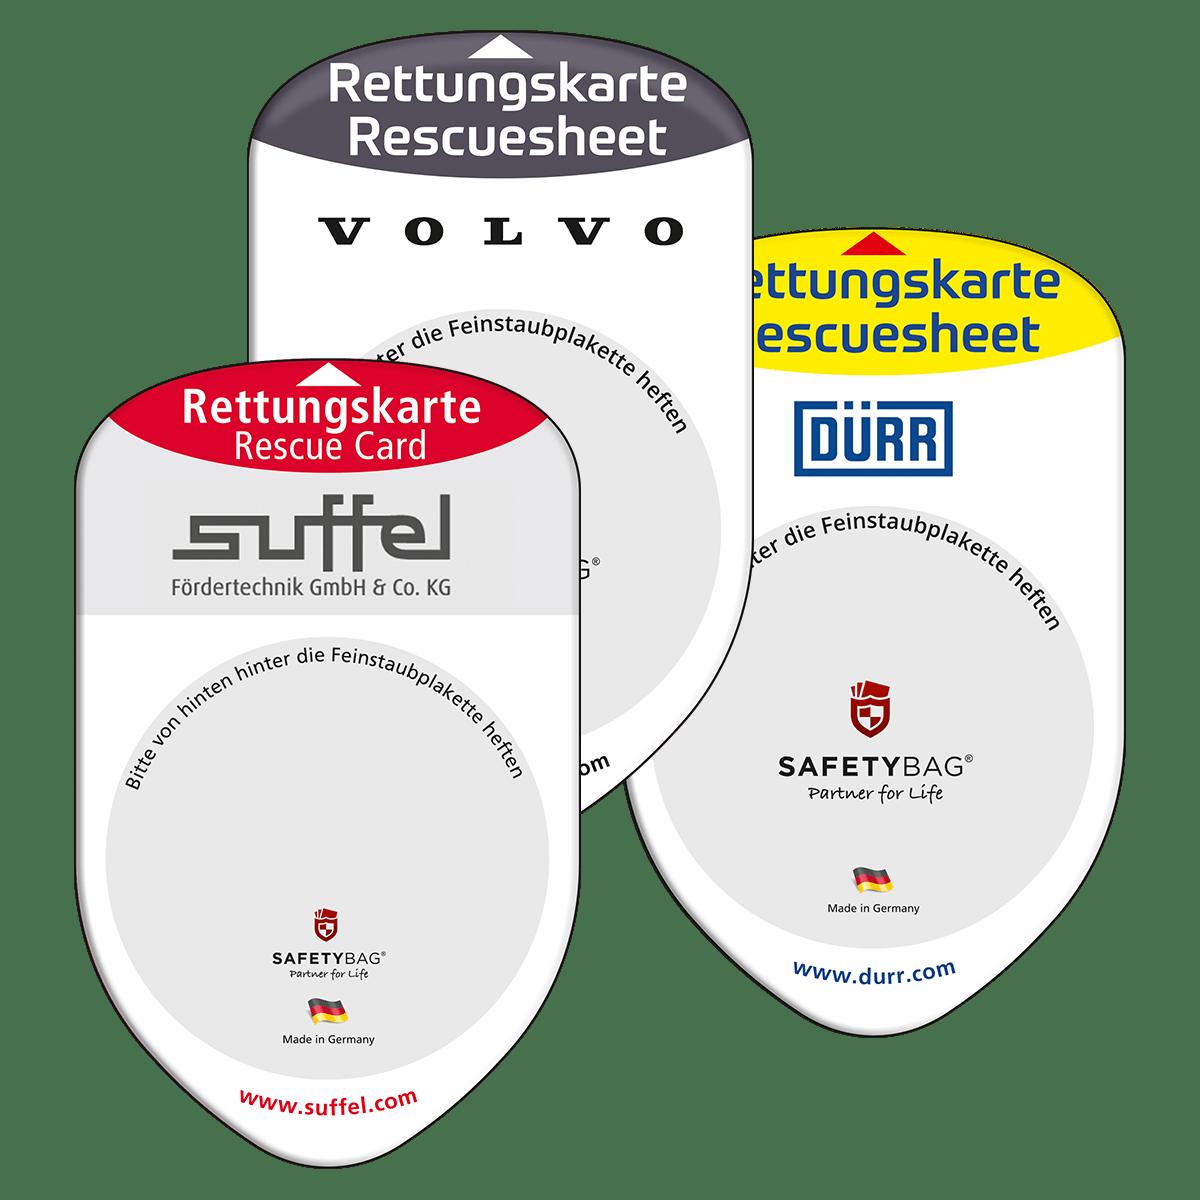 Eigenes Design –Safetybag Referenzen –Unternehmen Volvo Suffel Dürr –Rettungskarten Halterung Rettungsdatenblatt –Werbung mit Ihrem Logo